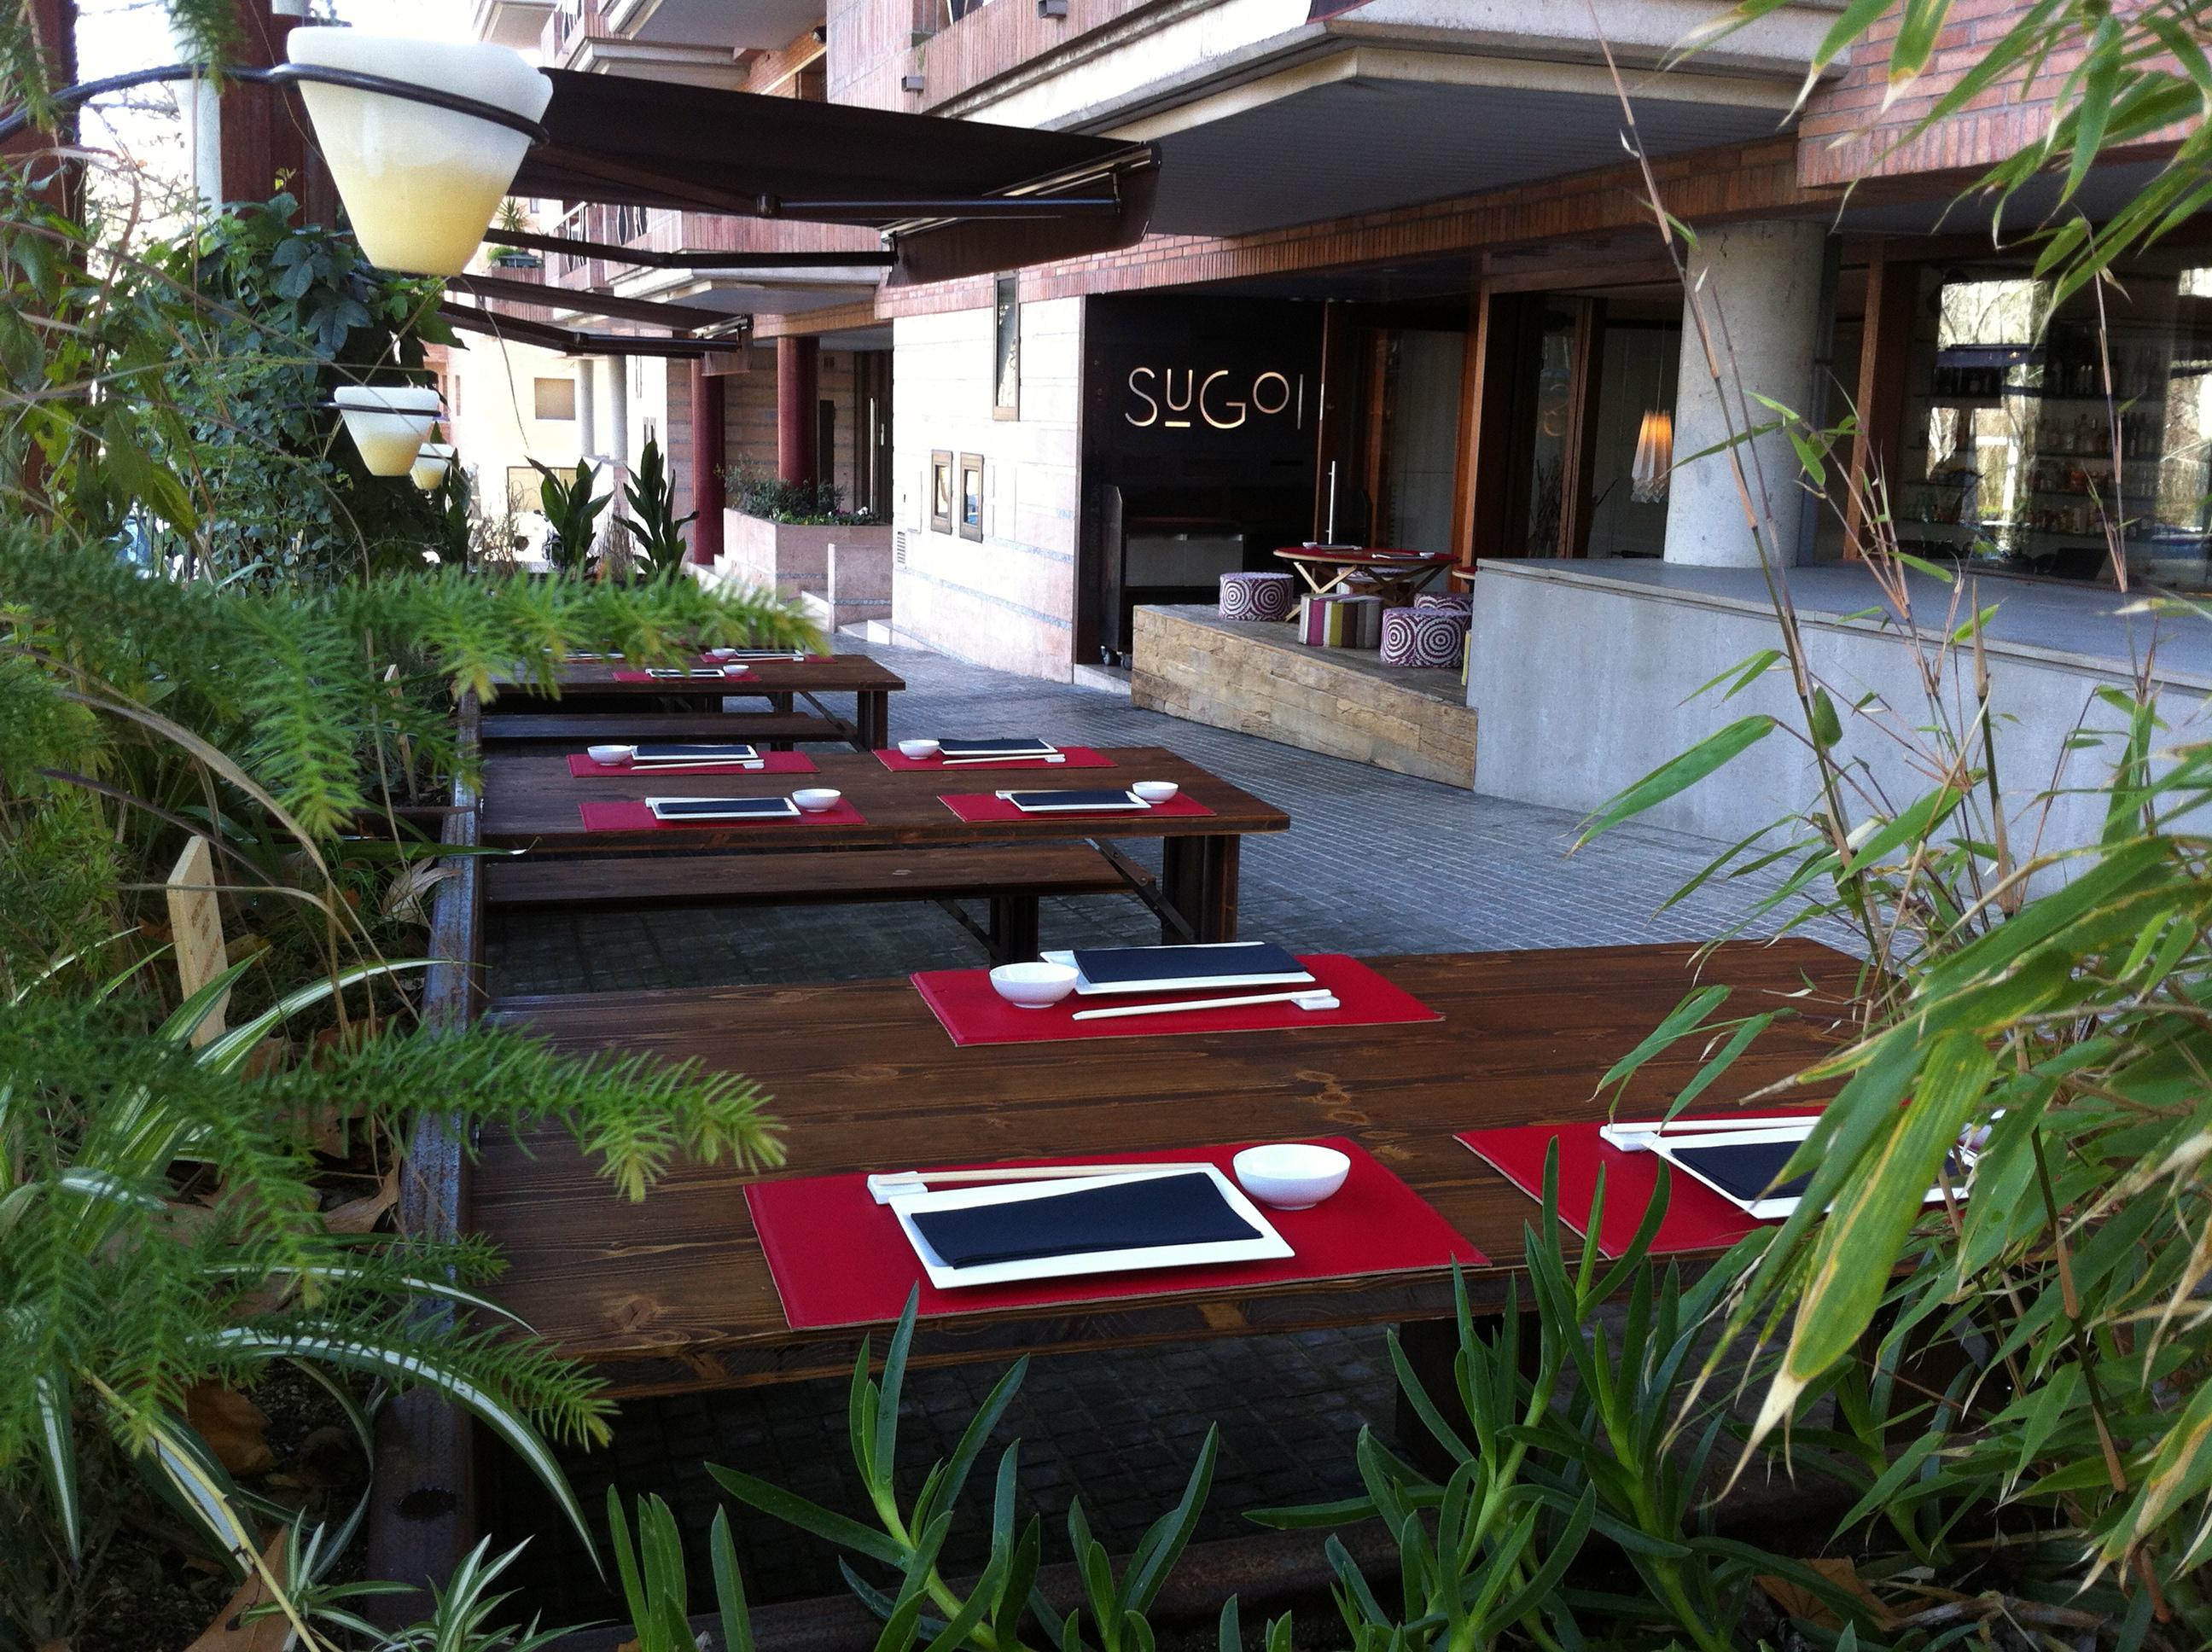 Restaurante japones sugoi en sant cugat la terraza - Restaurante materia prima sant cugat ...